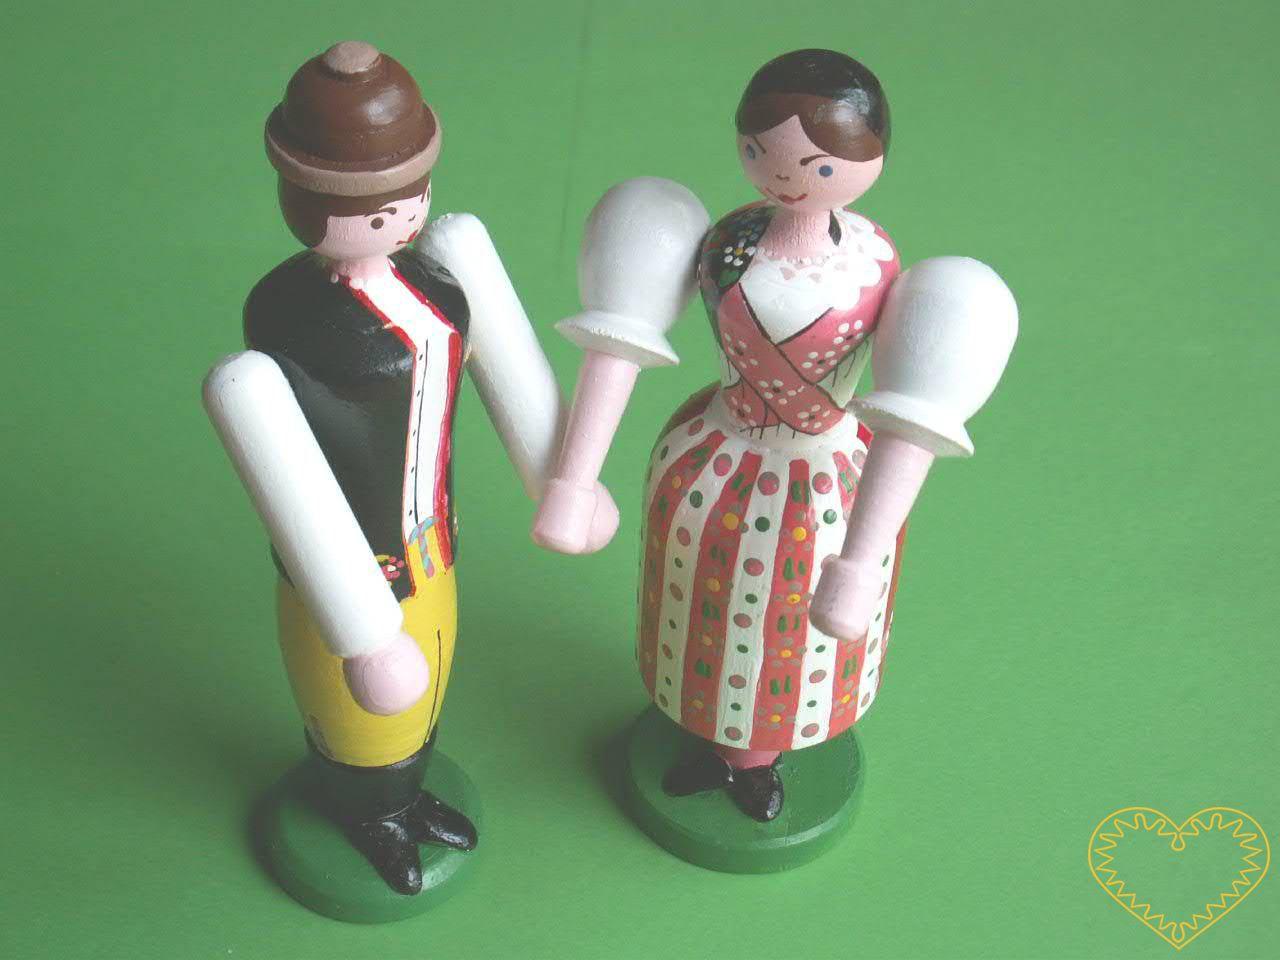 Panenka a panáček v chodském kroji. Krásně malovaný suvenýr vycházející ze vzorů tradičních dětských dřevěných hraček. Soustružené figurky představují ženu a muže v chodském kroji. Obě postavičky mají pohyblivé ruce ve směru nahoru - dolu.